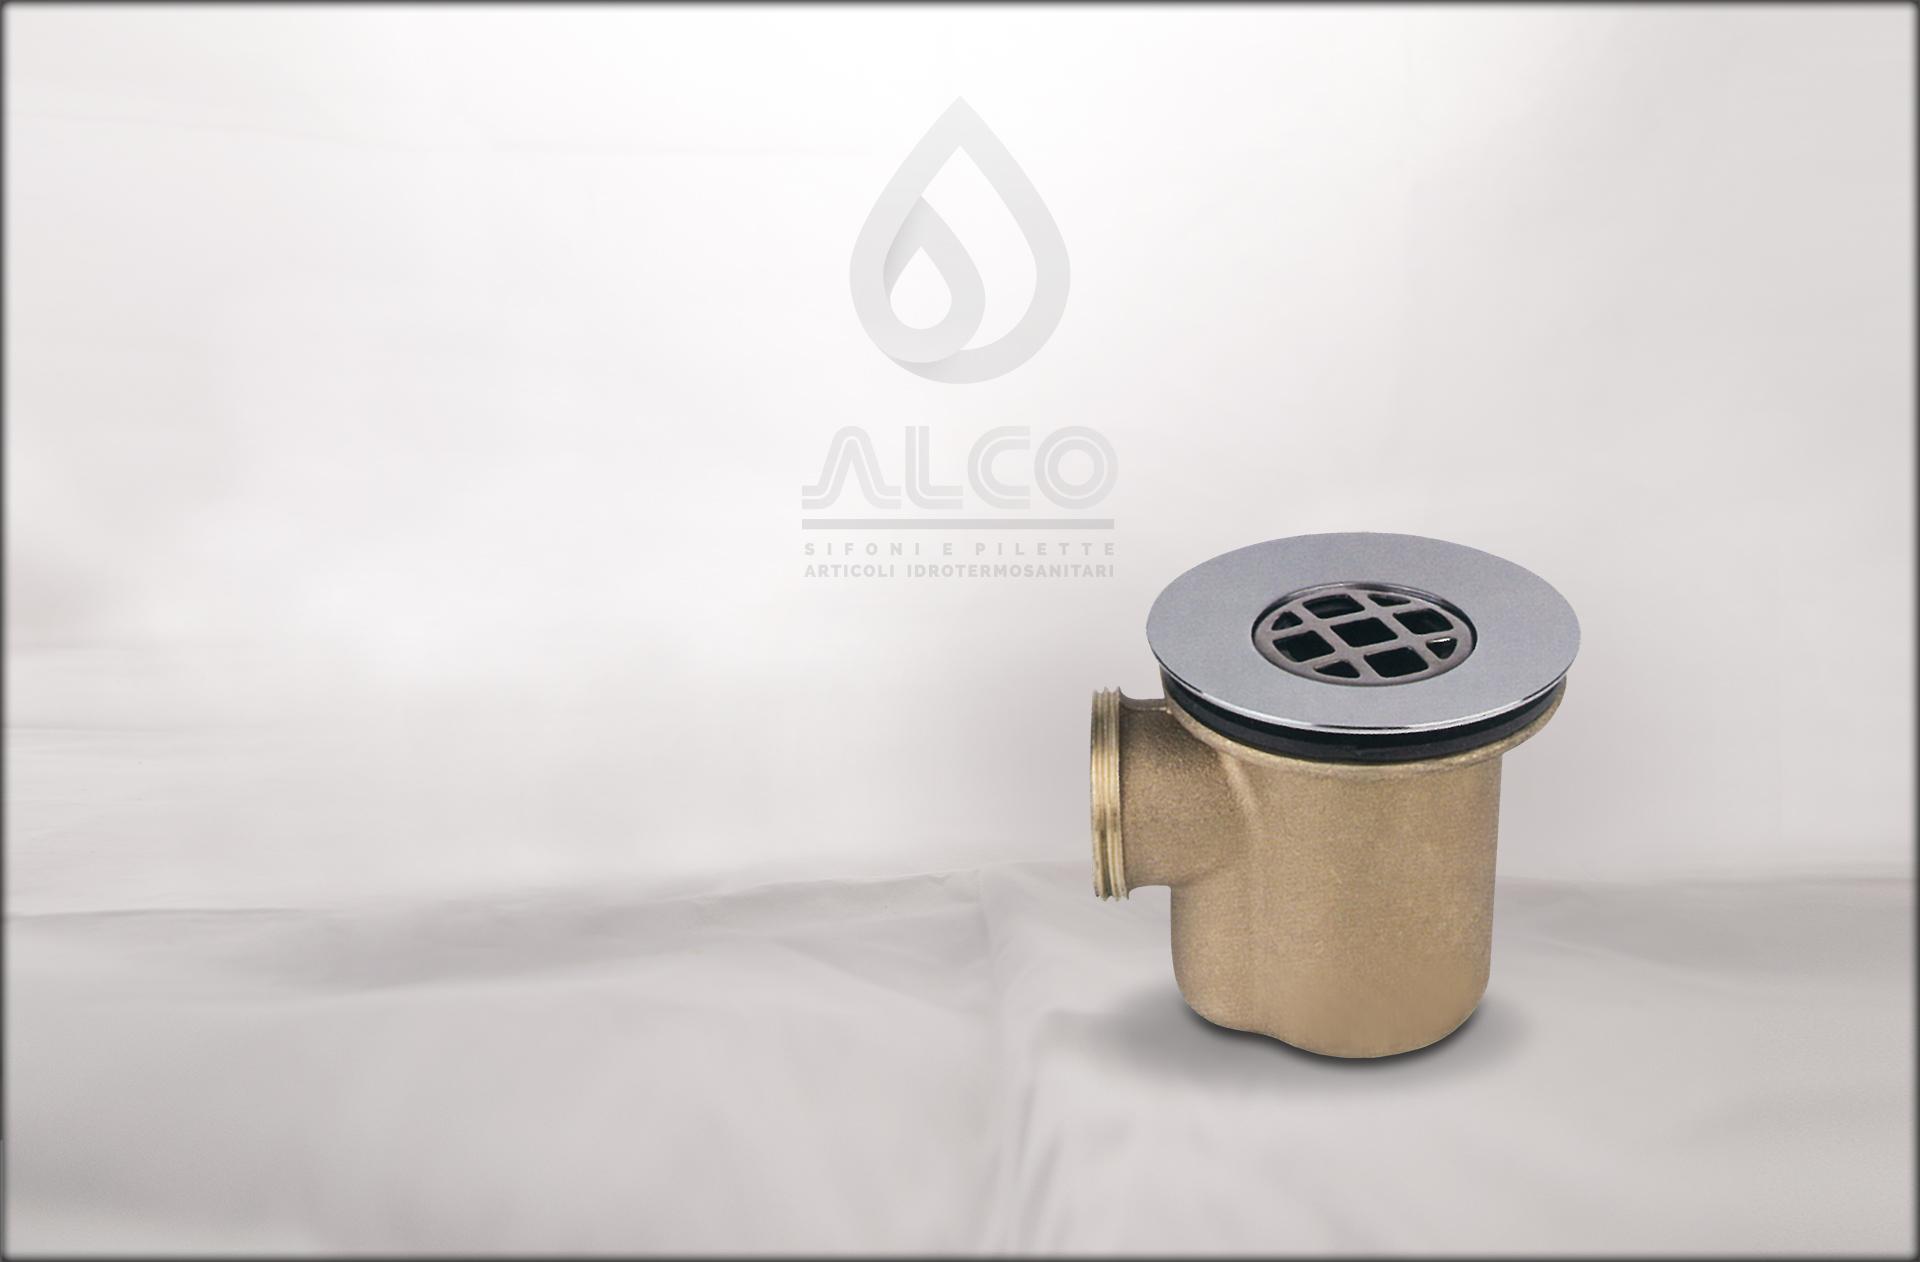 Piletta piatto doccia sifoide modello pesante alco - Pilette per doccia ...